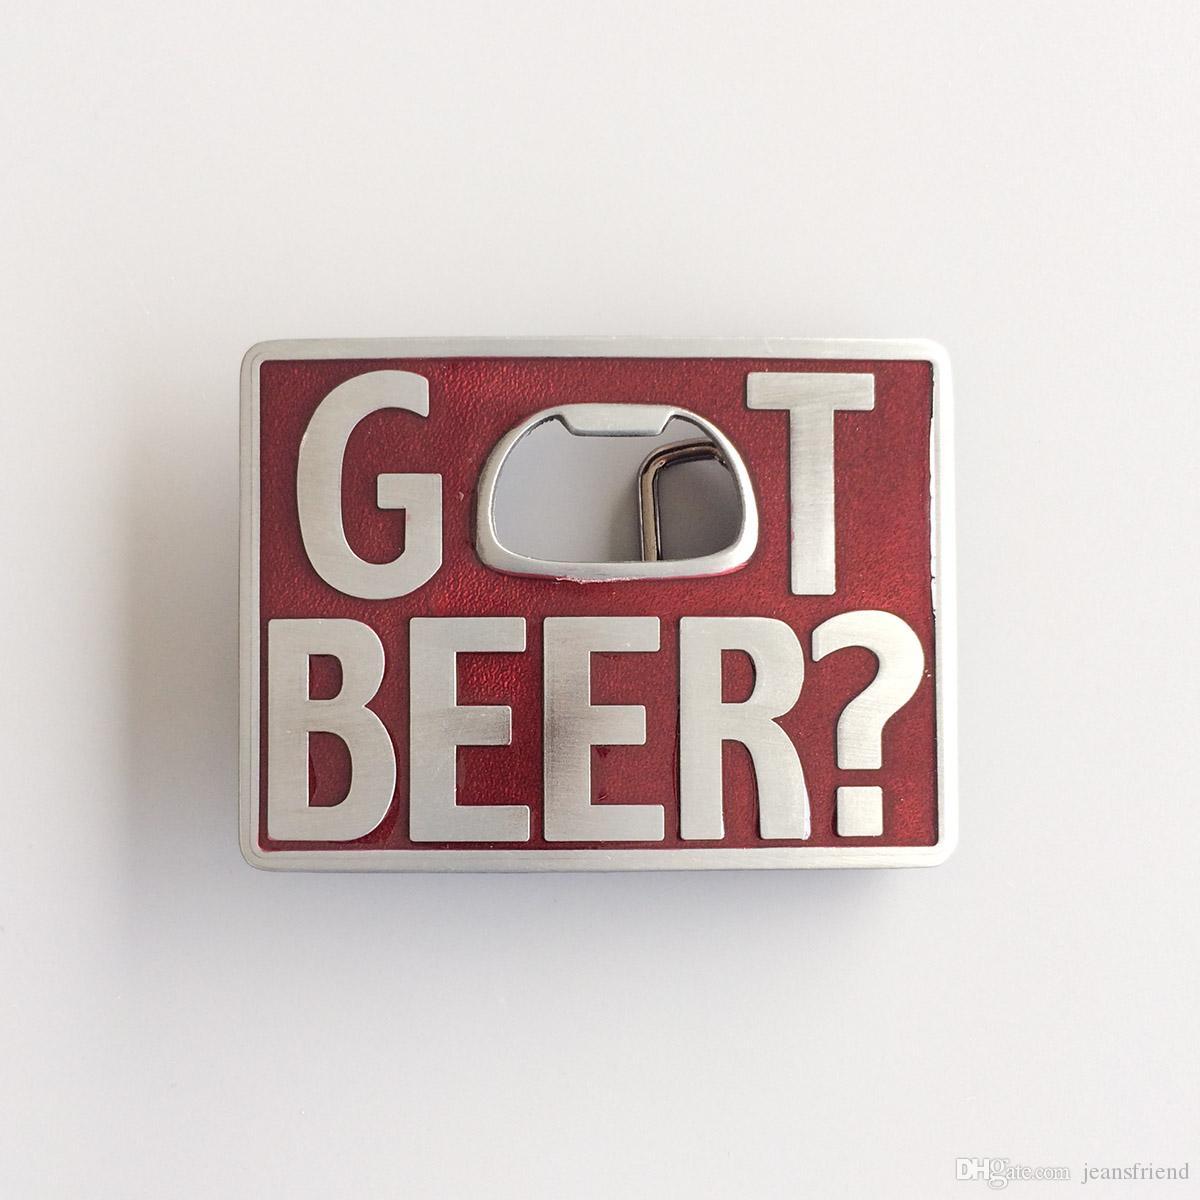 New Vintage Classic Rosso Smalto Got Beer Bottle Opener Rettangolo fibbia della cintura Gurtelschnalle